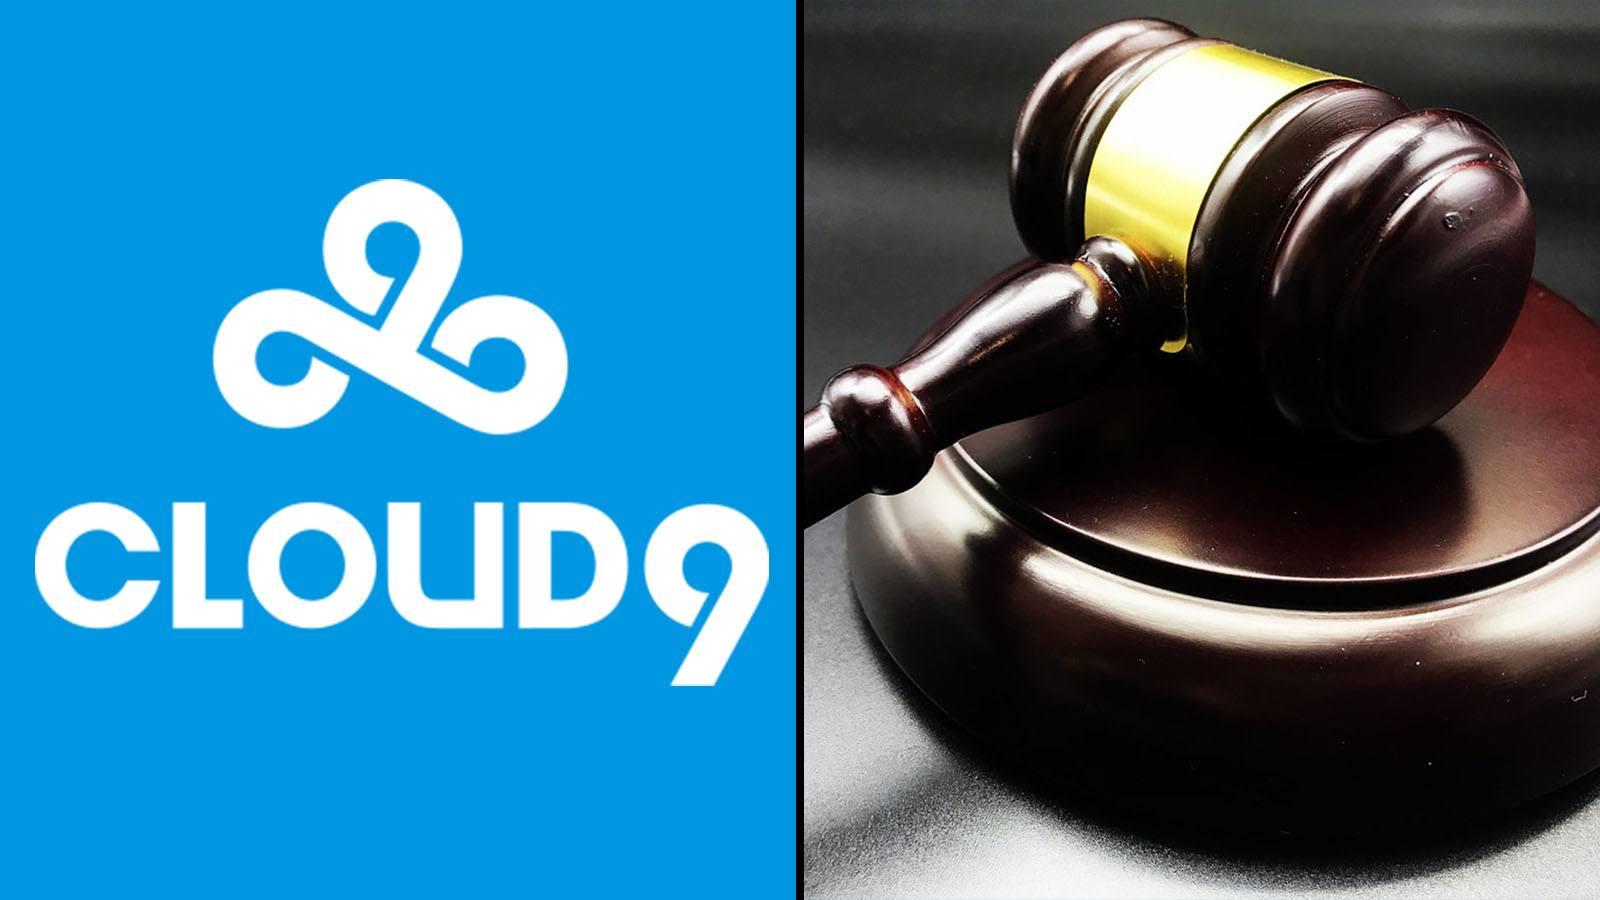 Cloud 9 - DPP Law